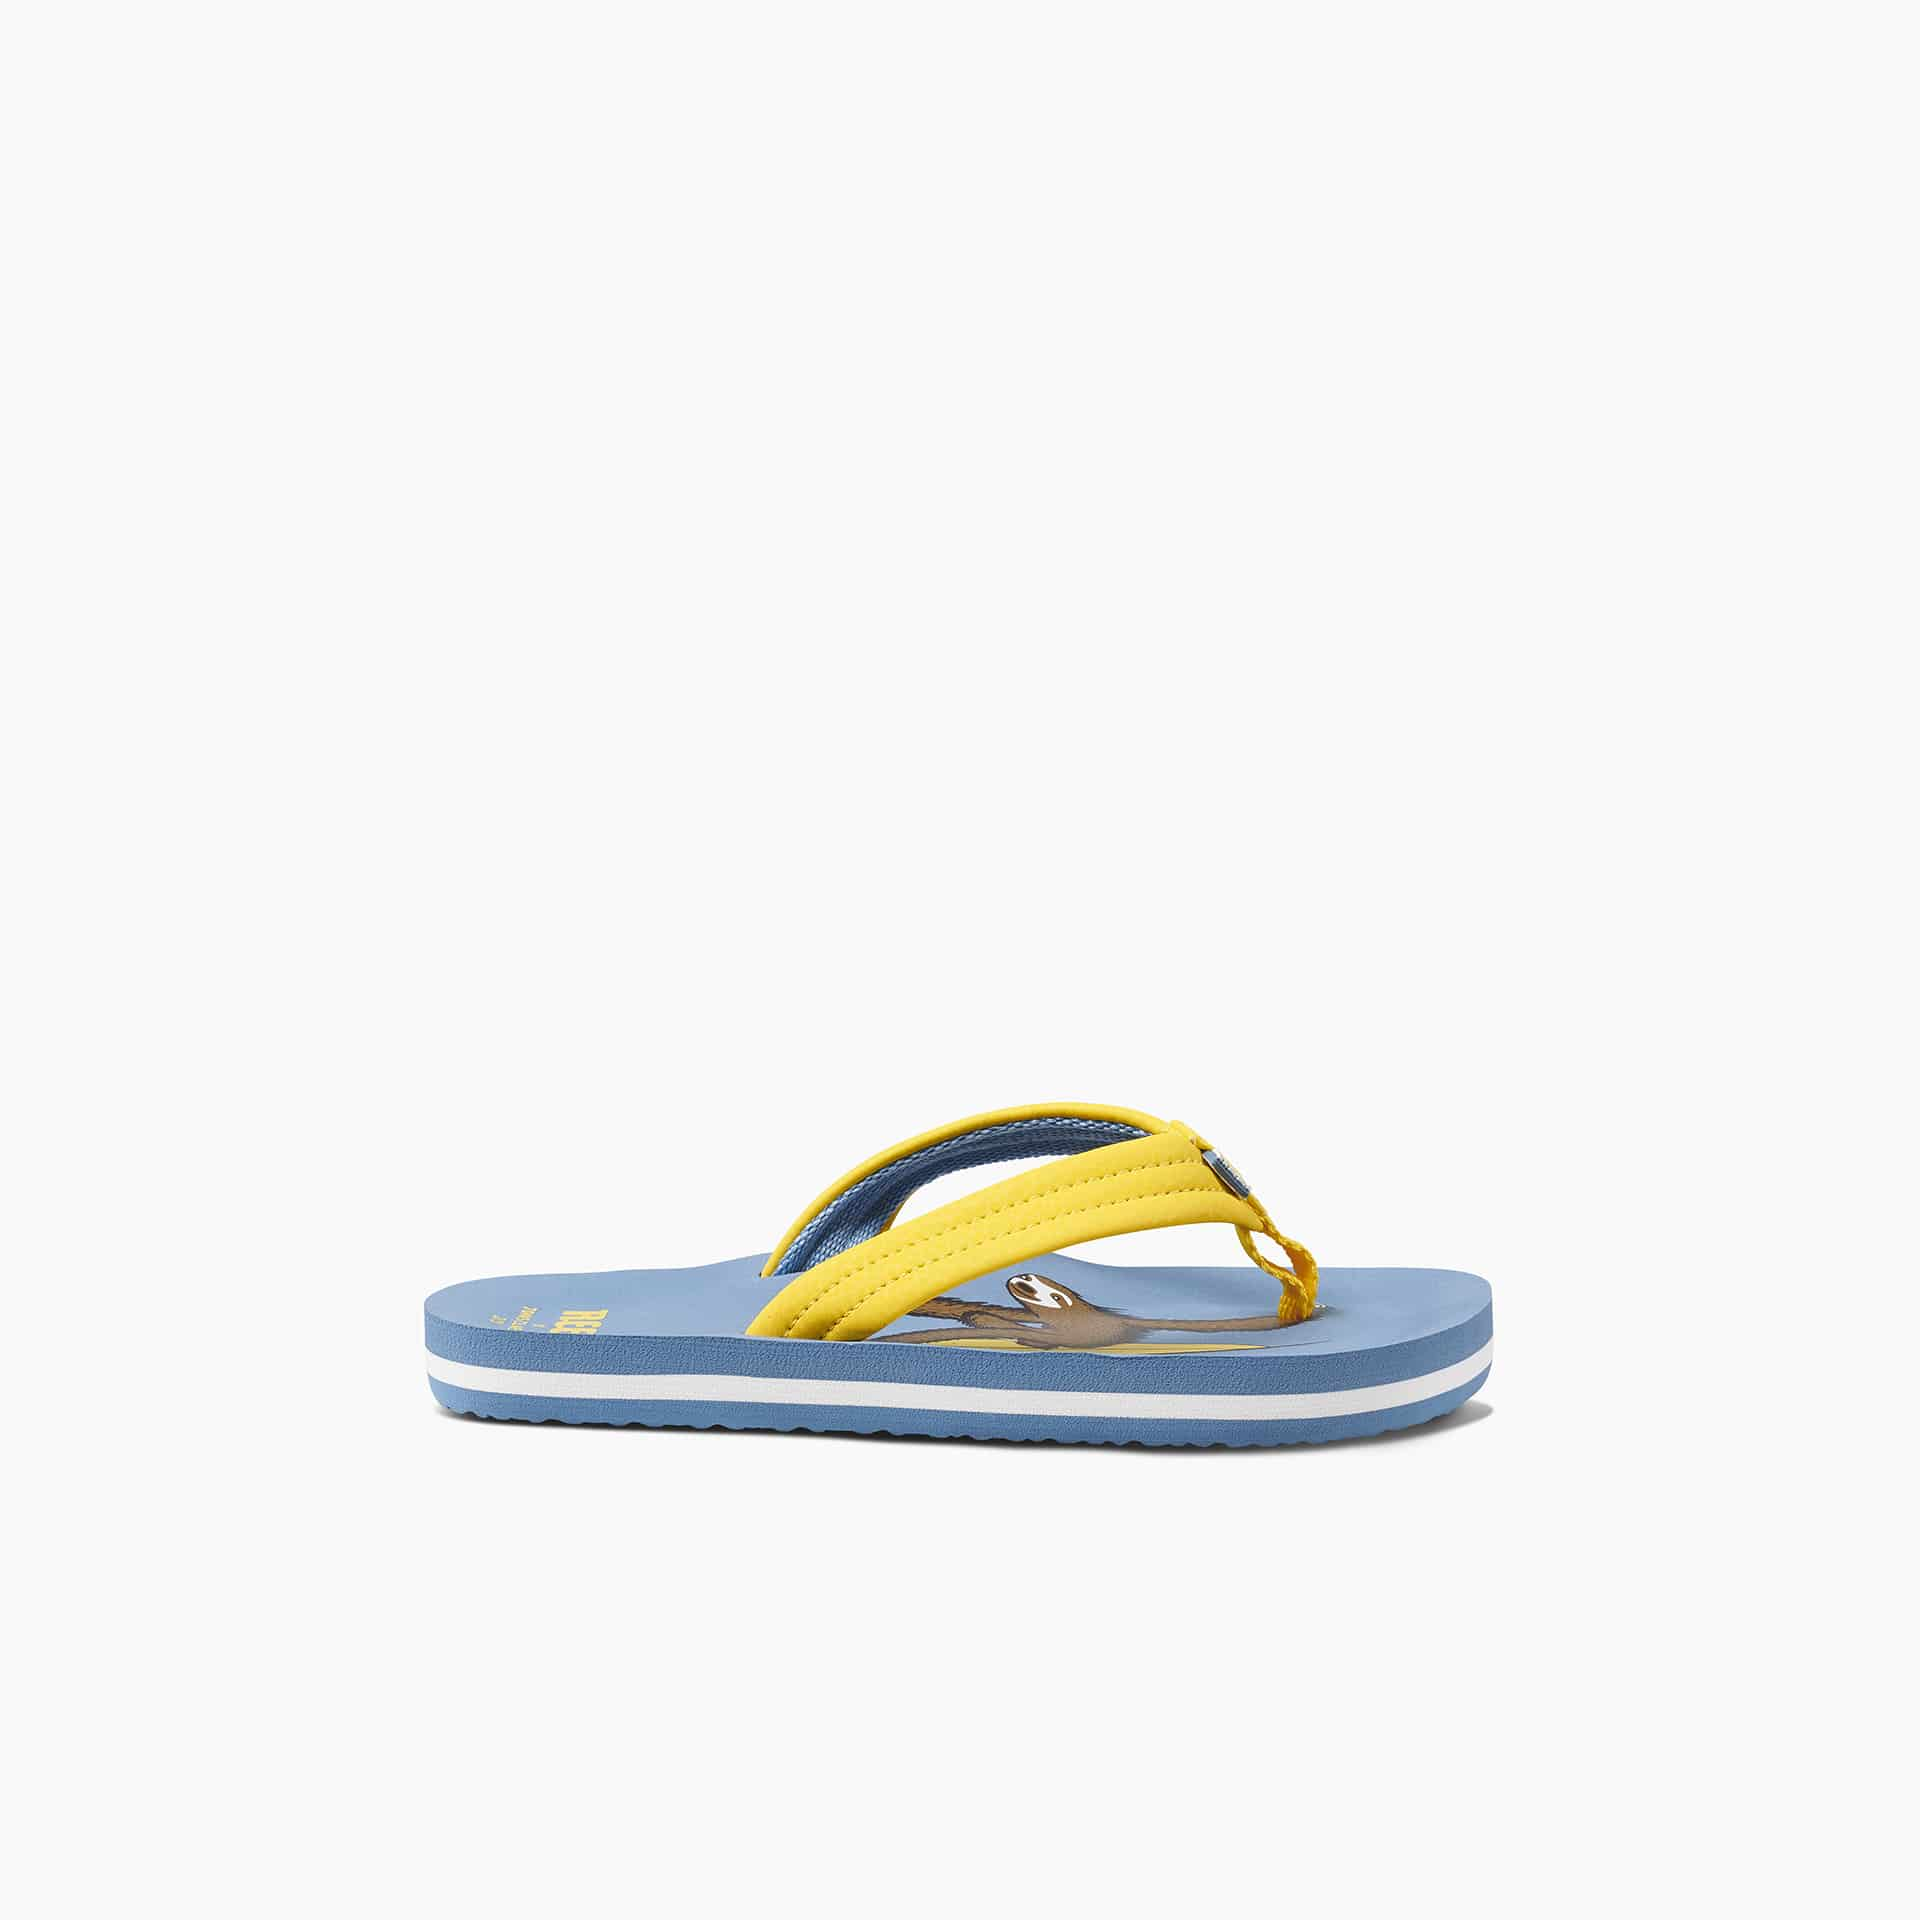 JONAS CLAESSON KIDS AHI SURFING SLOTH